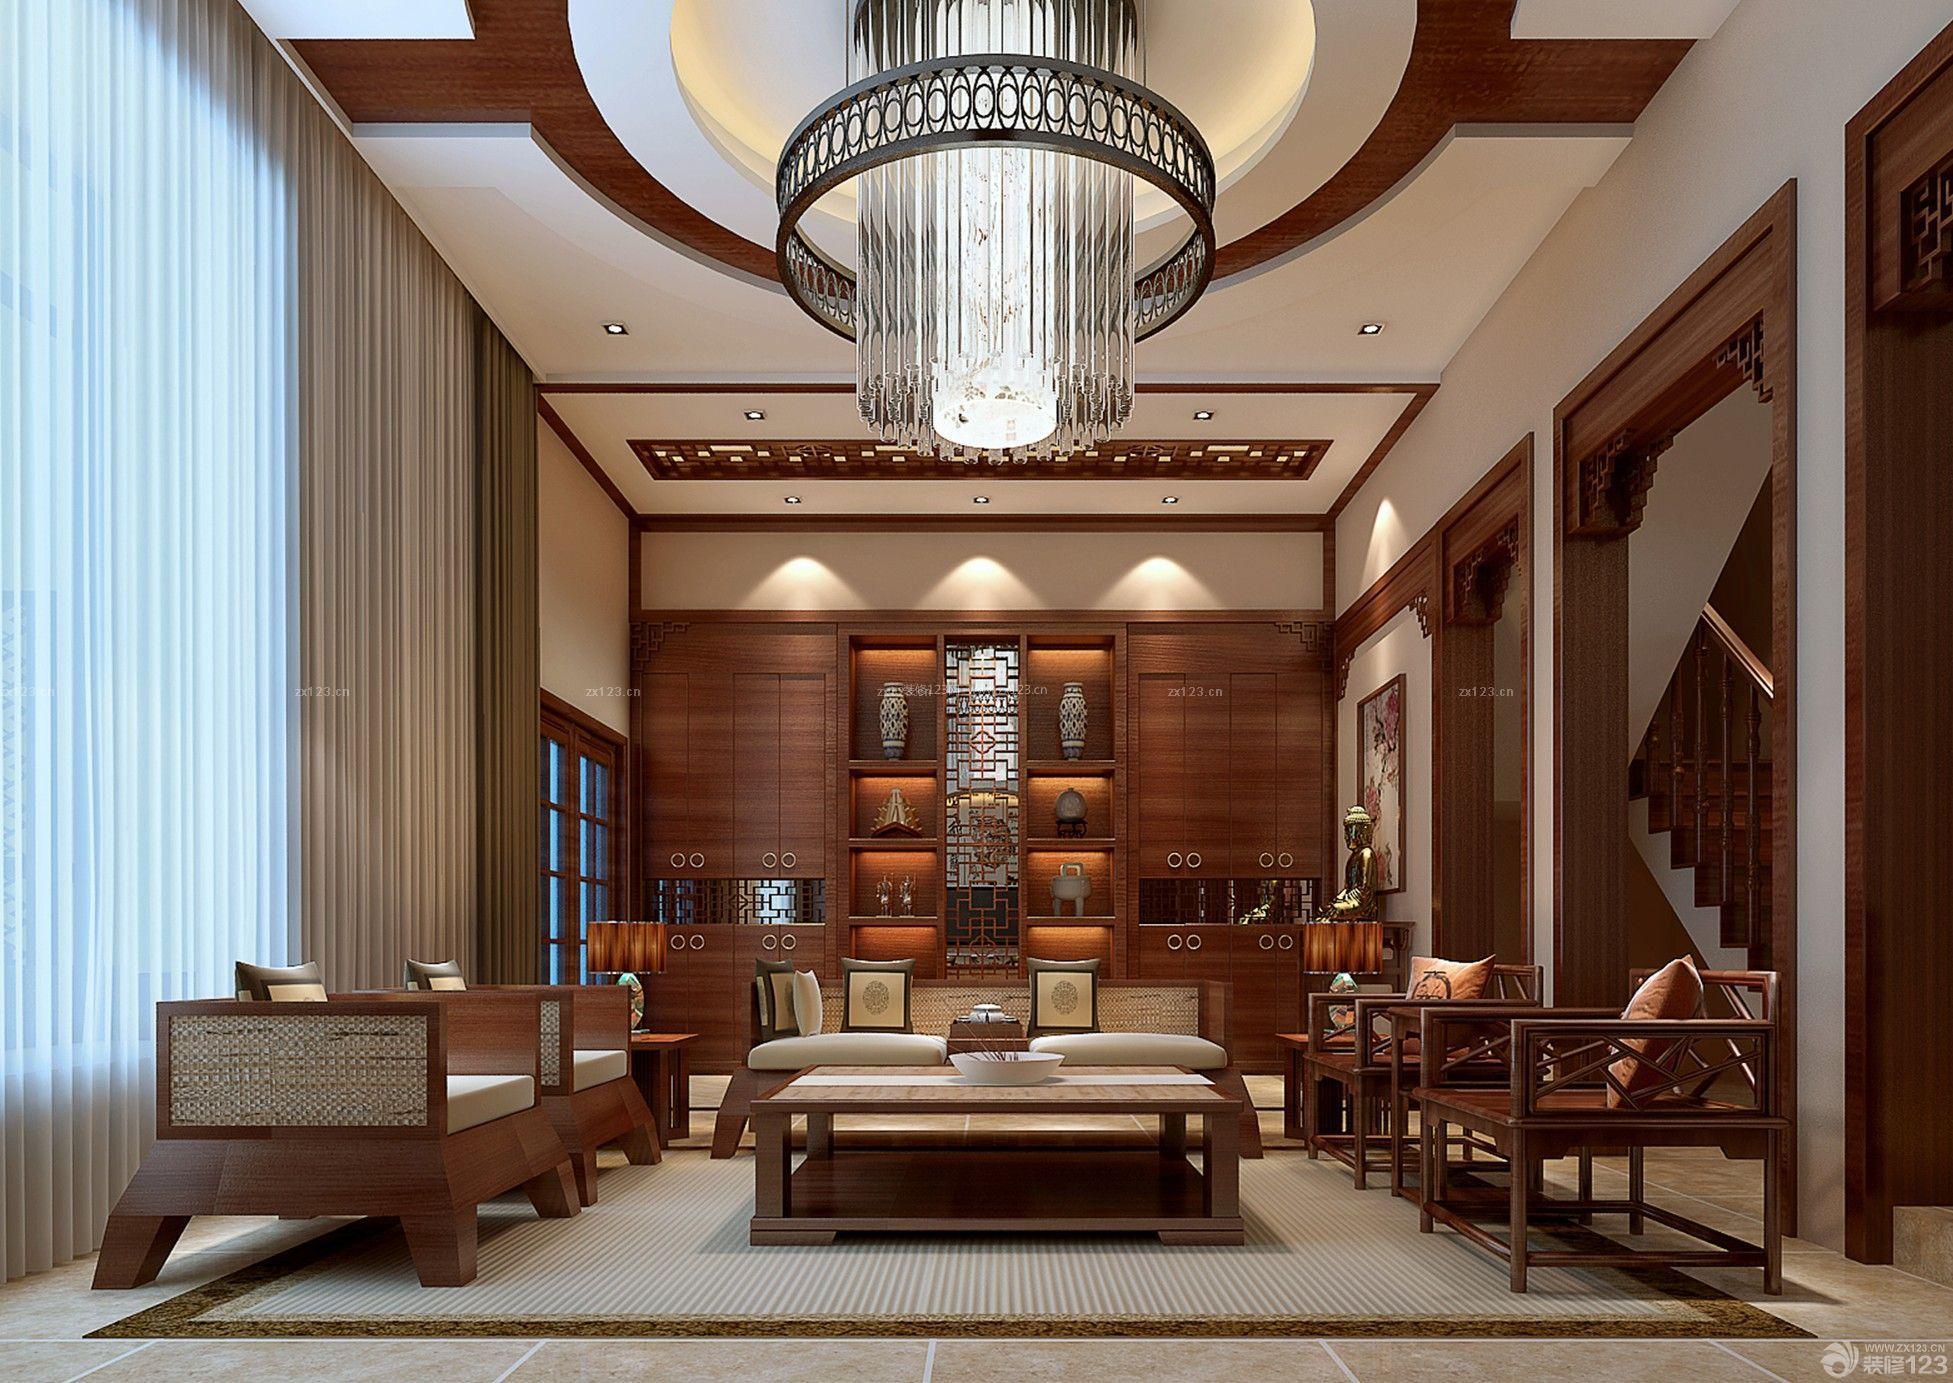 中式风格自建别墅室内挑高客厅装修效果图大全